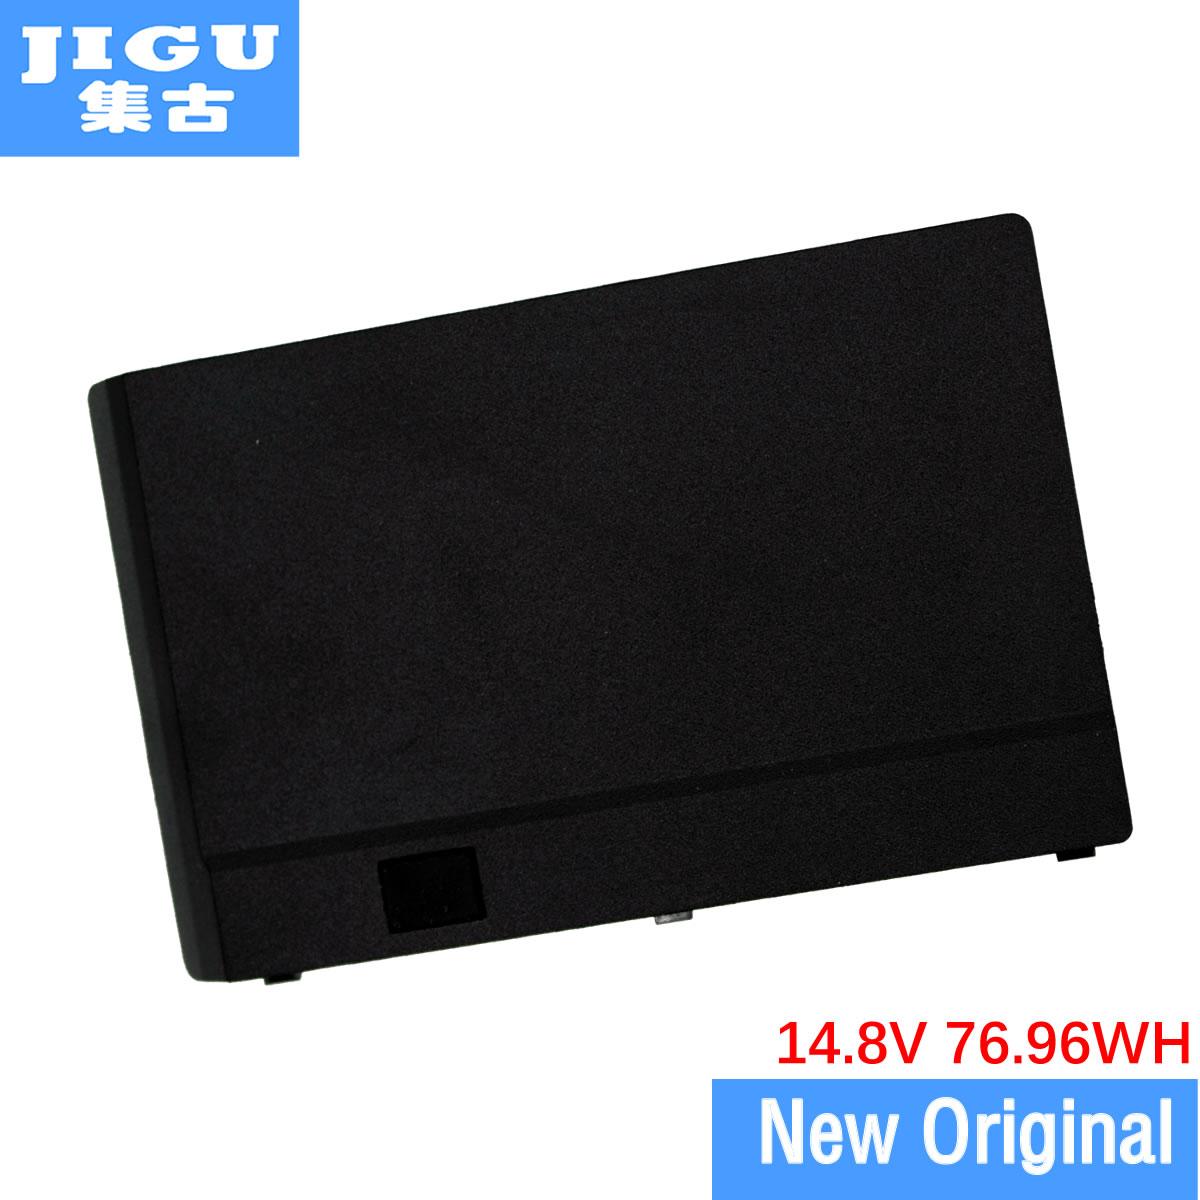 JIGU 5200mAh W370bat-8 battery for Clevo W350et W350etq W370et Sager Np6350 Np6370 Xmg A522 Xmg Xmg A722 6-87-w370s-4271 купить в минске айфон 4 с